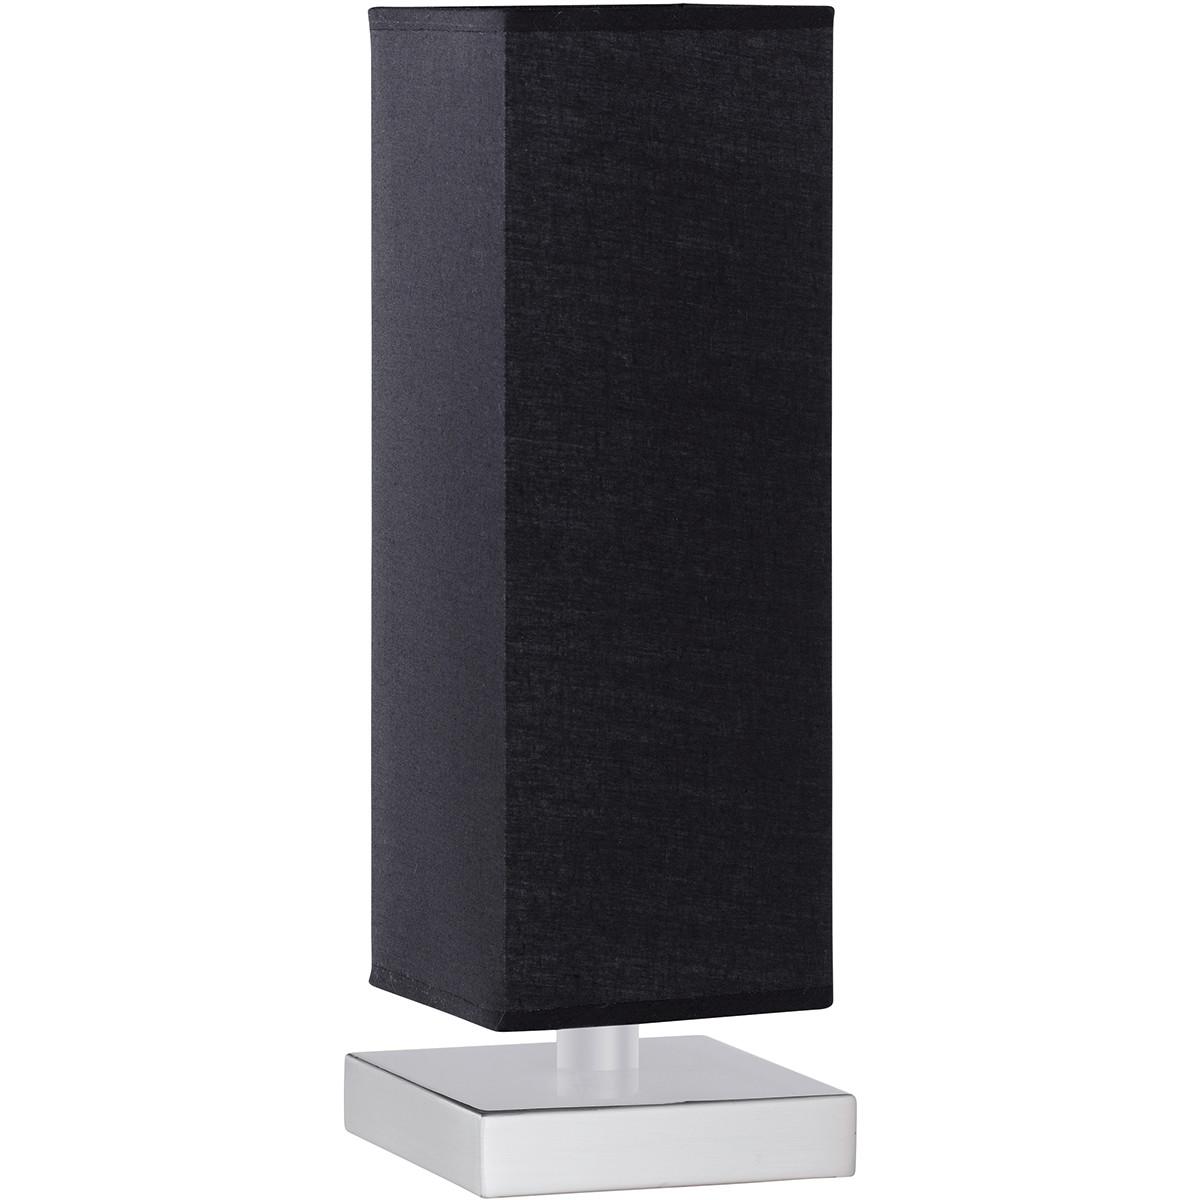 LED Tafellamp - Trion Piti - E14 Fitting - Dimbaar - Vierkant - Mat Nikkel/Zwart - Aluminium/Textiel